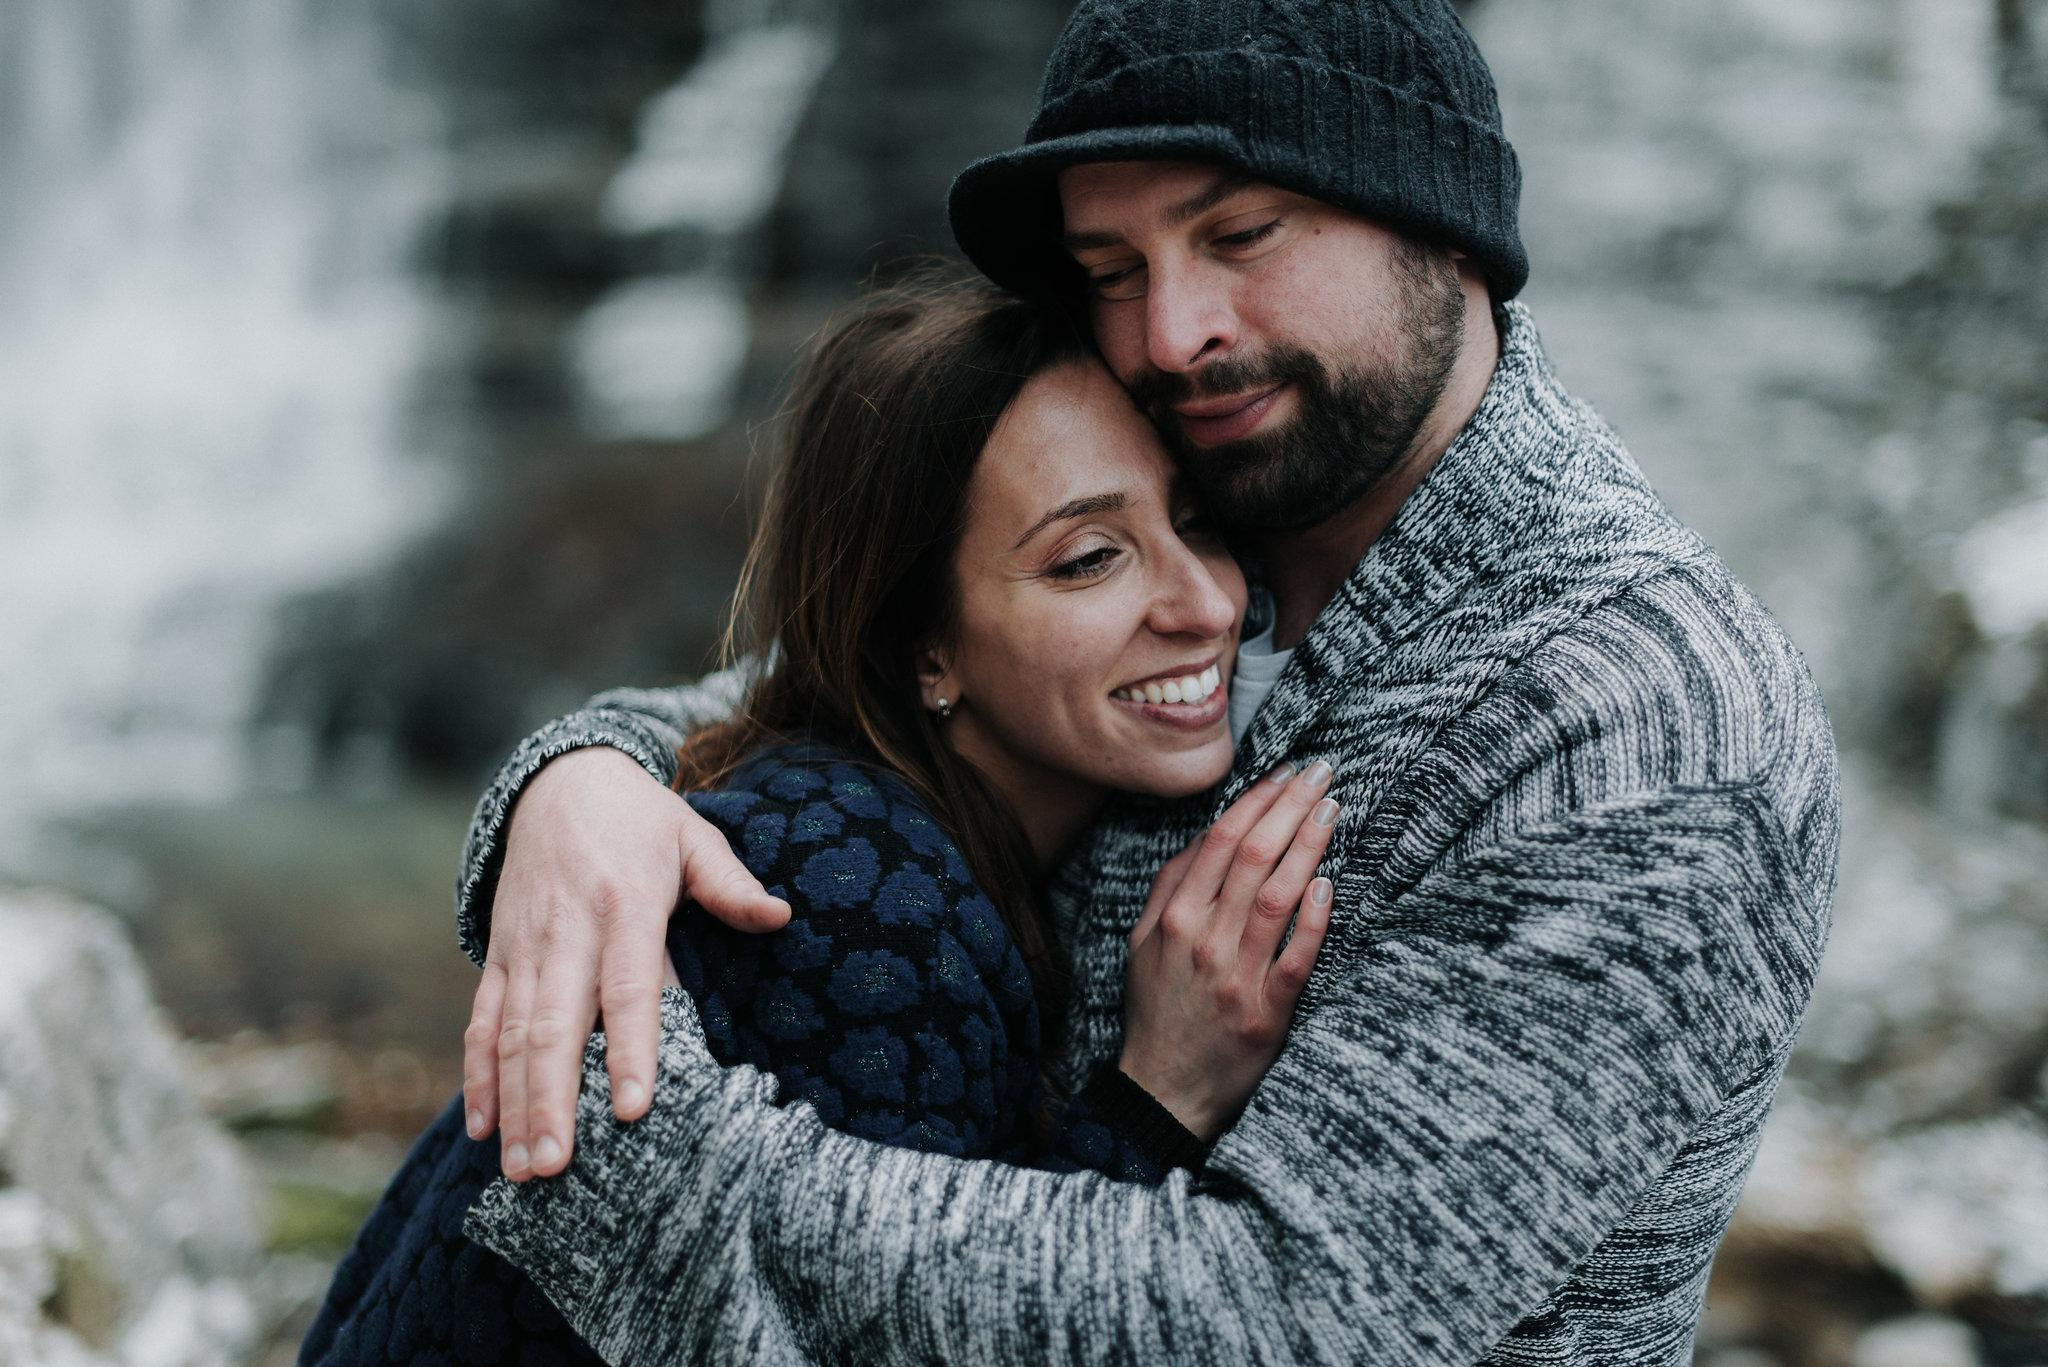 Léa-Fery-photographe-professionnel-lyon-rhone-alpes-portrait-creation-mariage-evenement-evenementiel-famille-4926.jpg